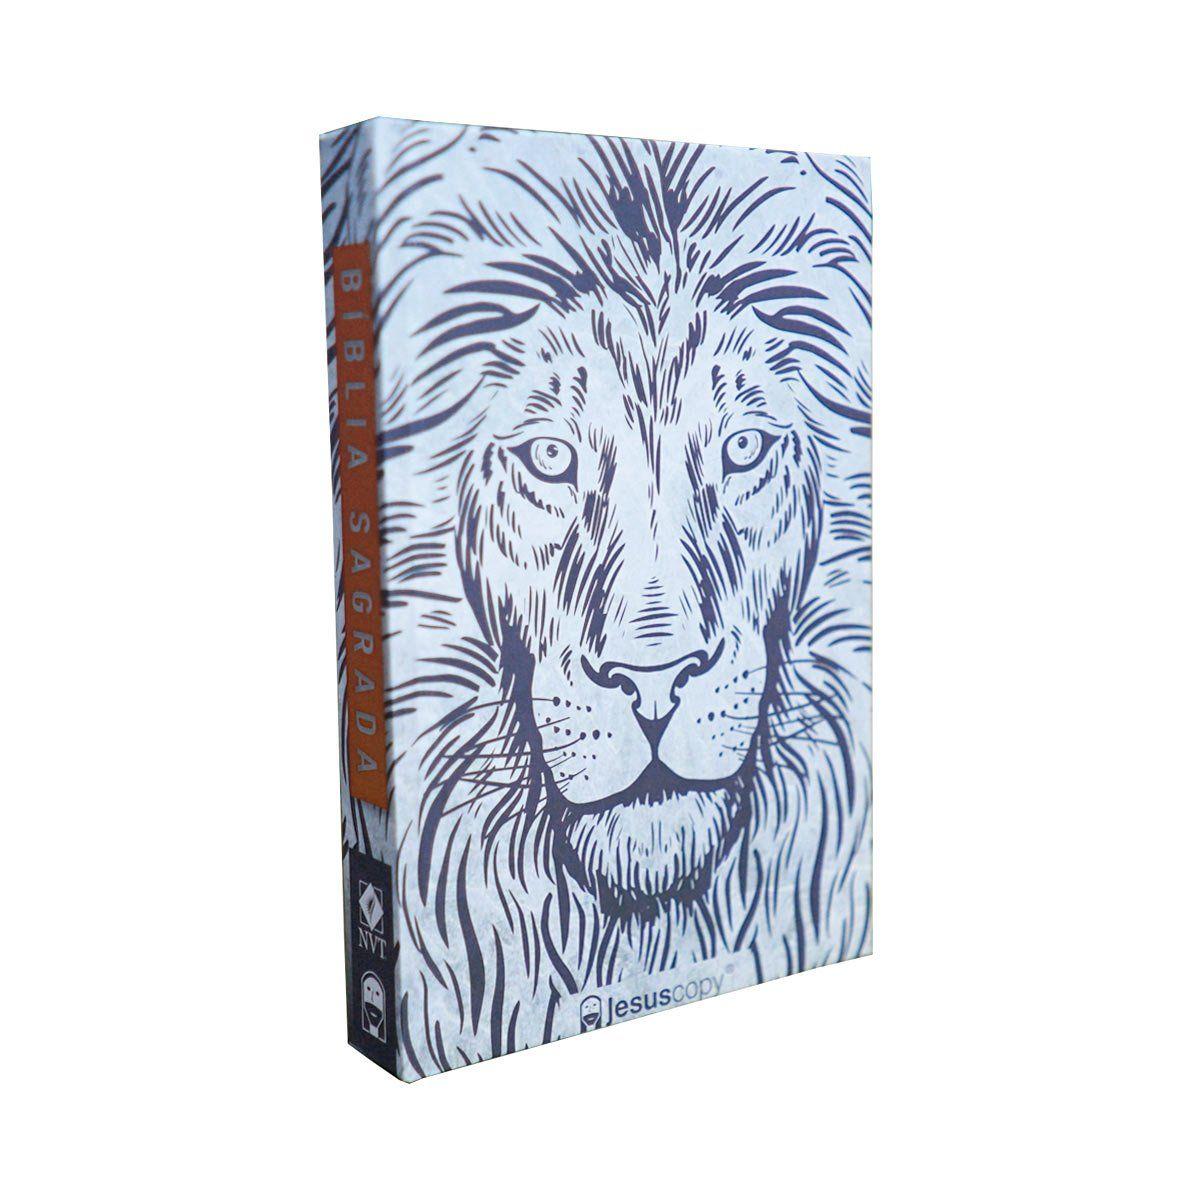 Bíblia Jesuscopy Leão Branco - Capa dura   - Jesuscopy